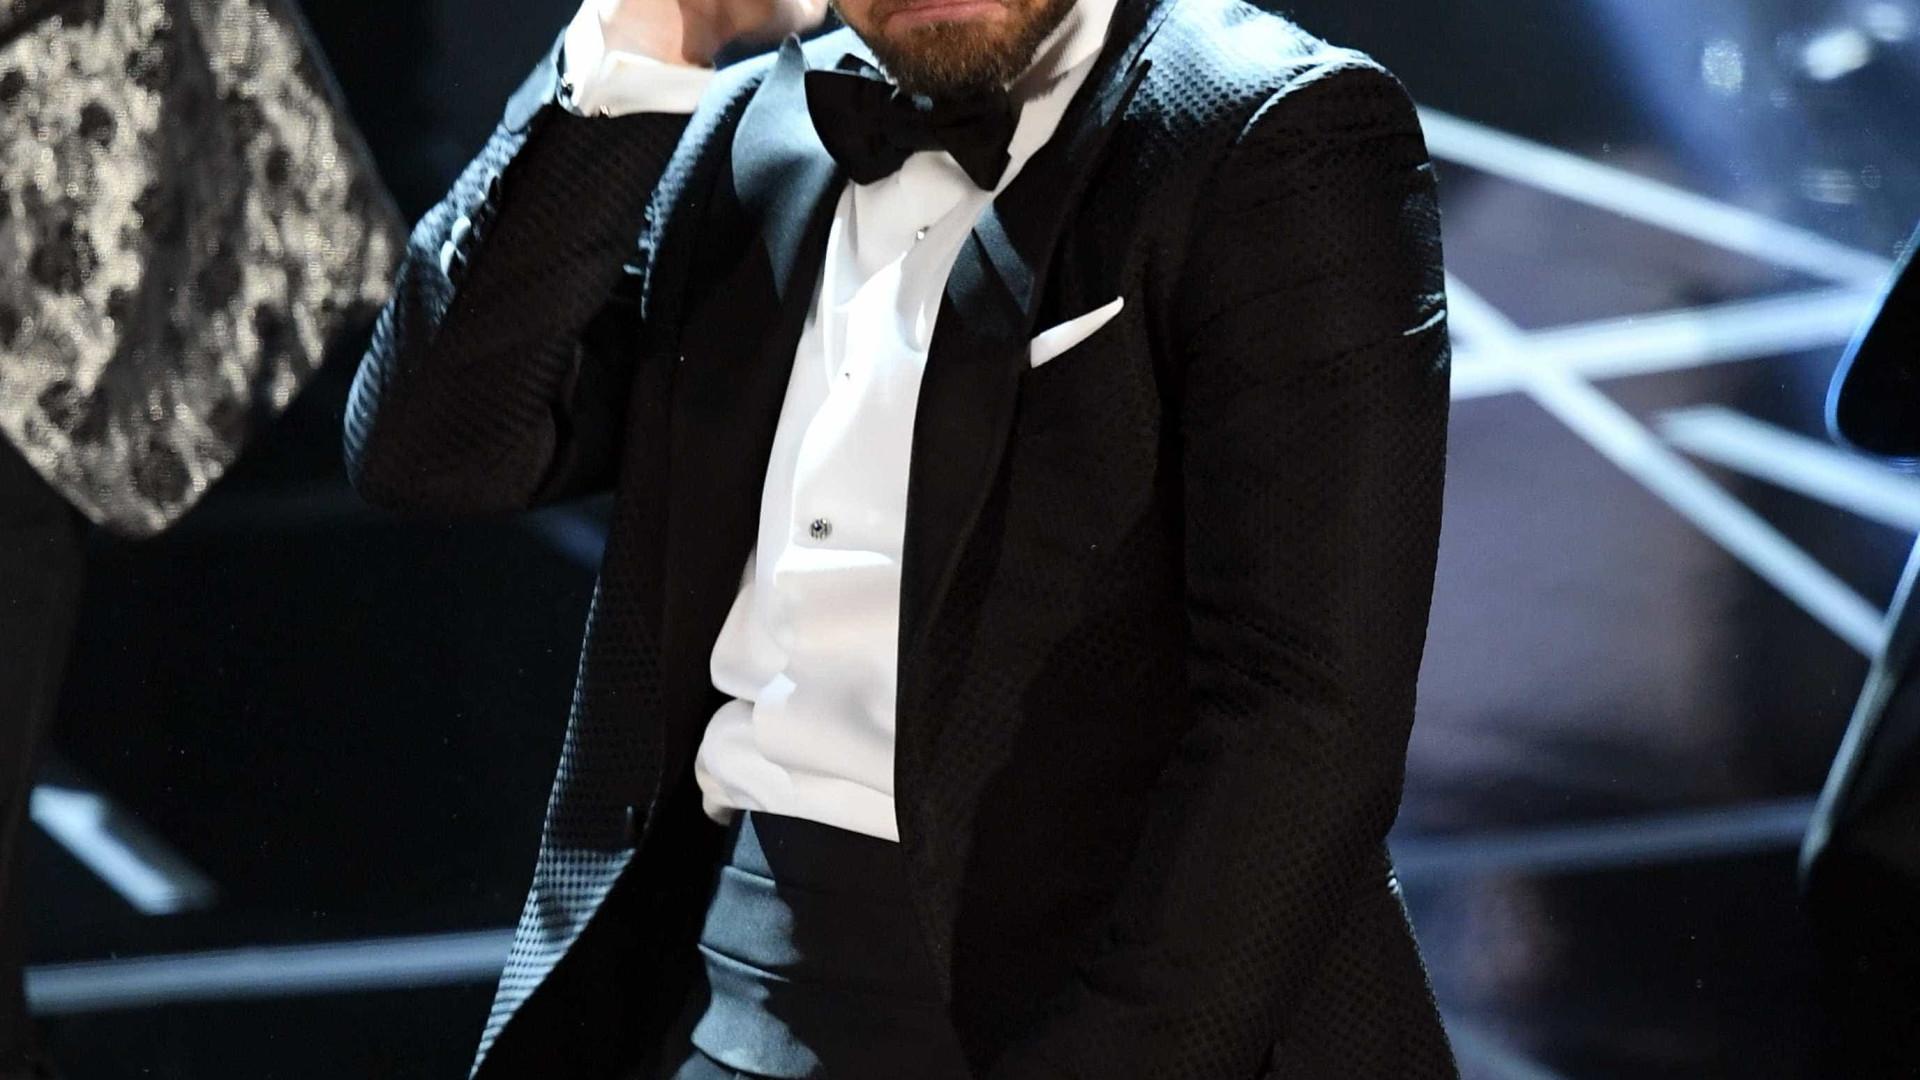 Show de Justin Timberlake muda horário da F-1 nos EUA